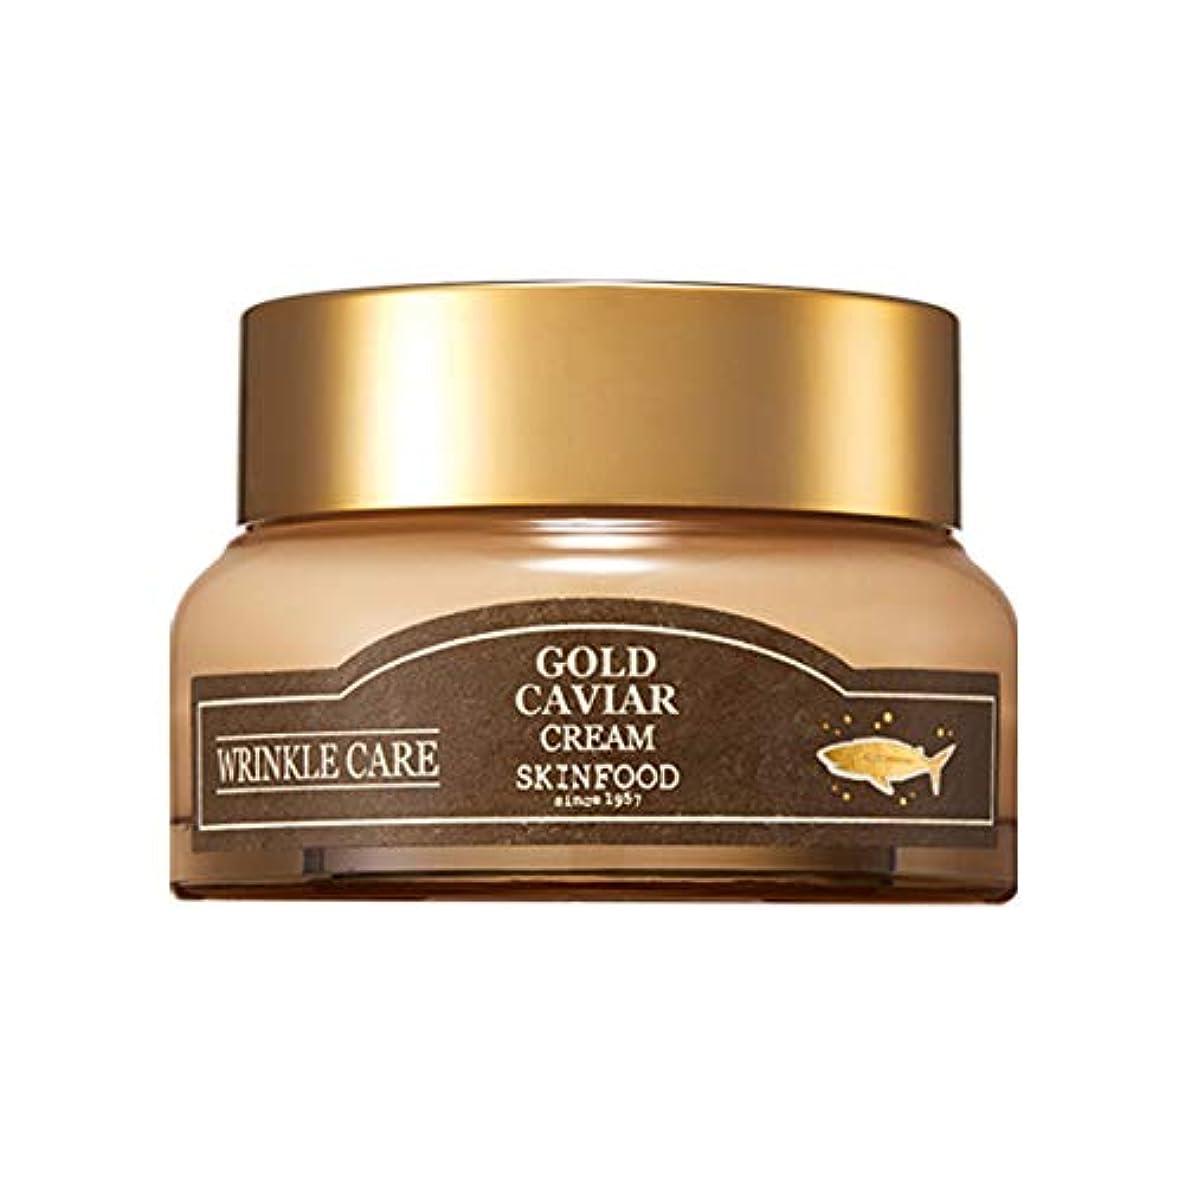 個人抹消一晩Skinfood ゴールドキャビアクリーム[しわケア用化粧品] / Gold Caviar Cream [Cosmeceutical for wrinkle care] 54ml [並行輸入品]